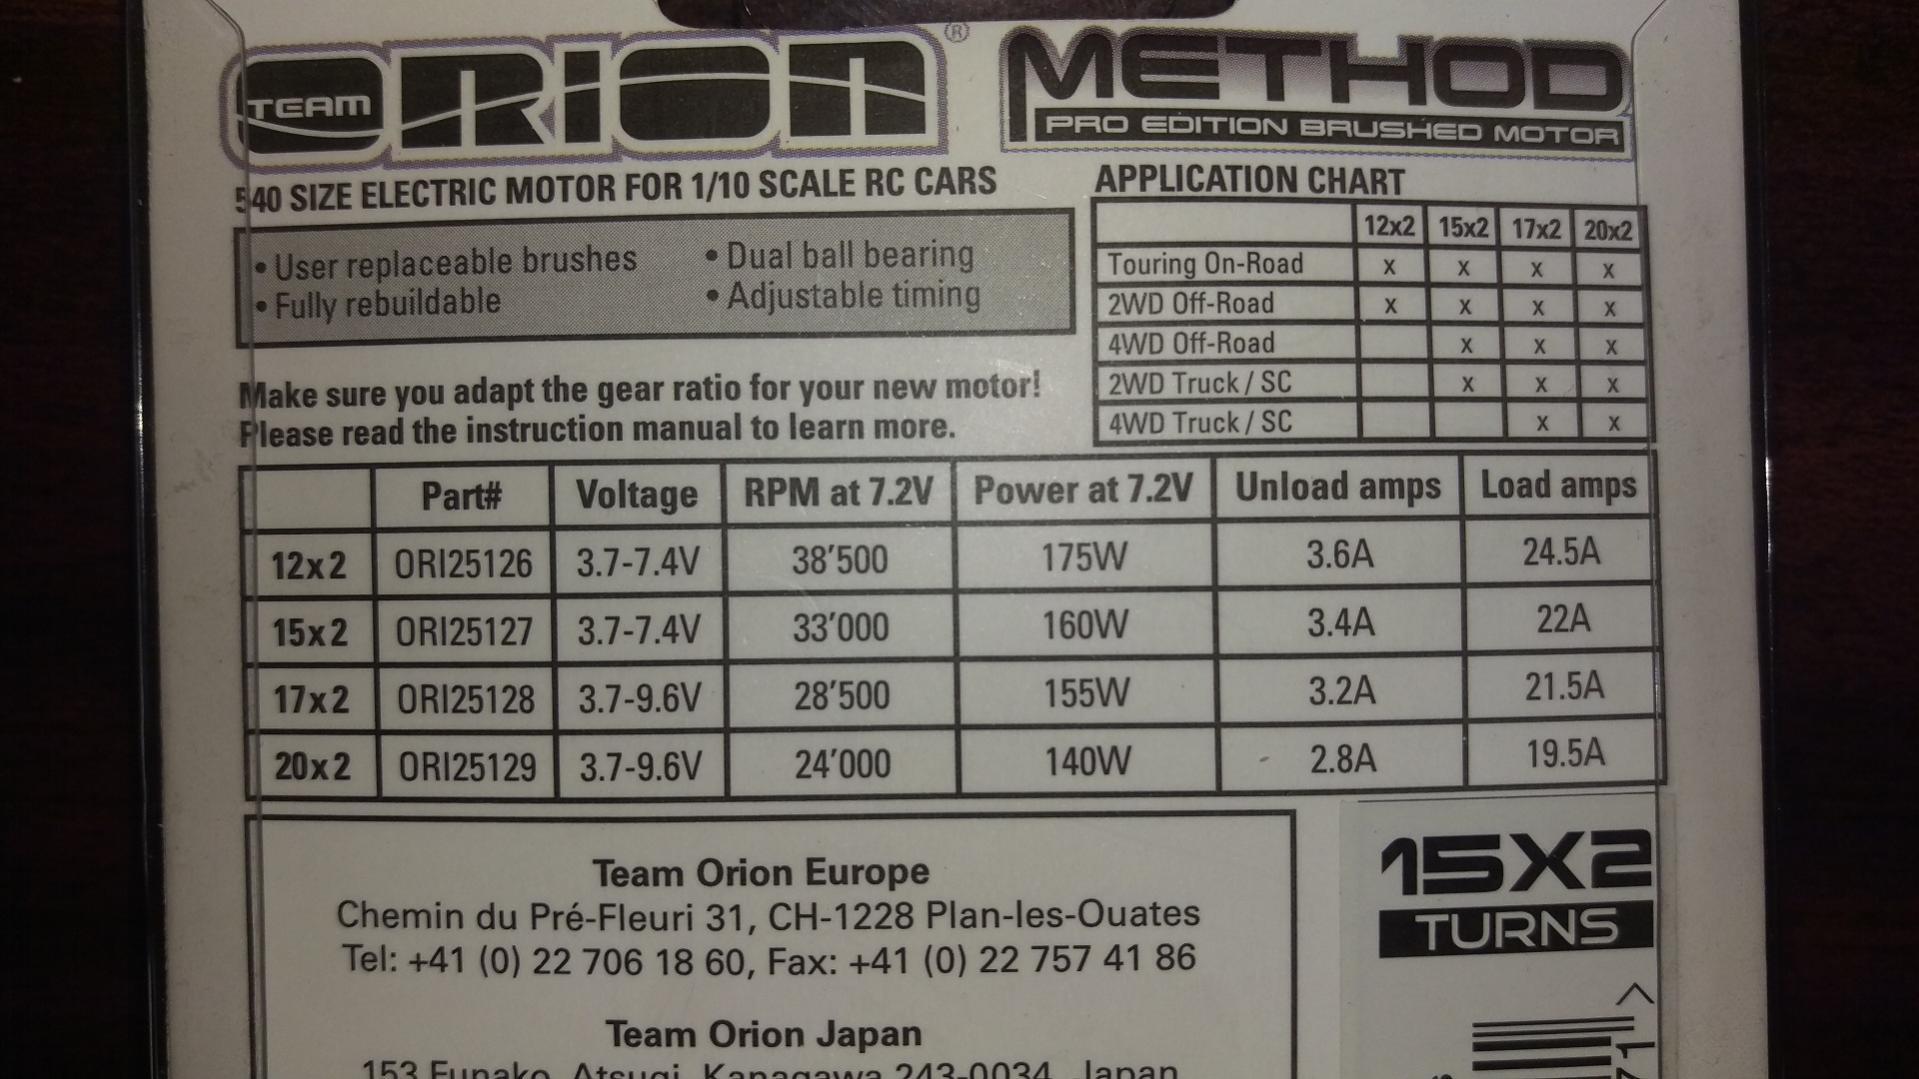 Novak Brushless Motor Chart